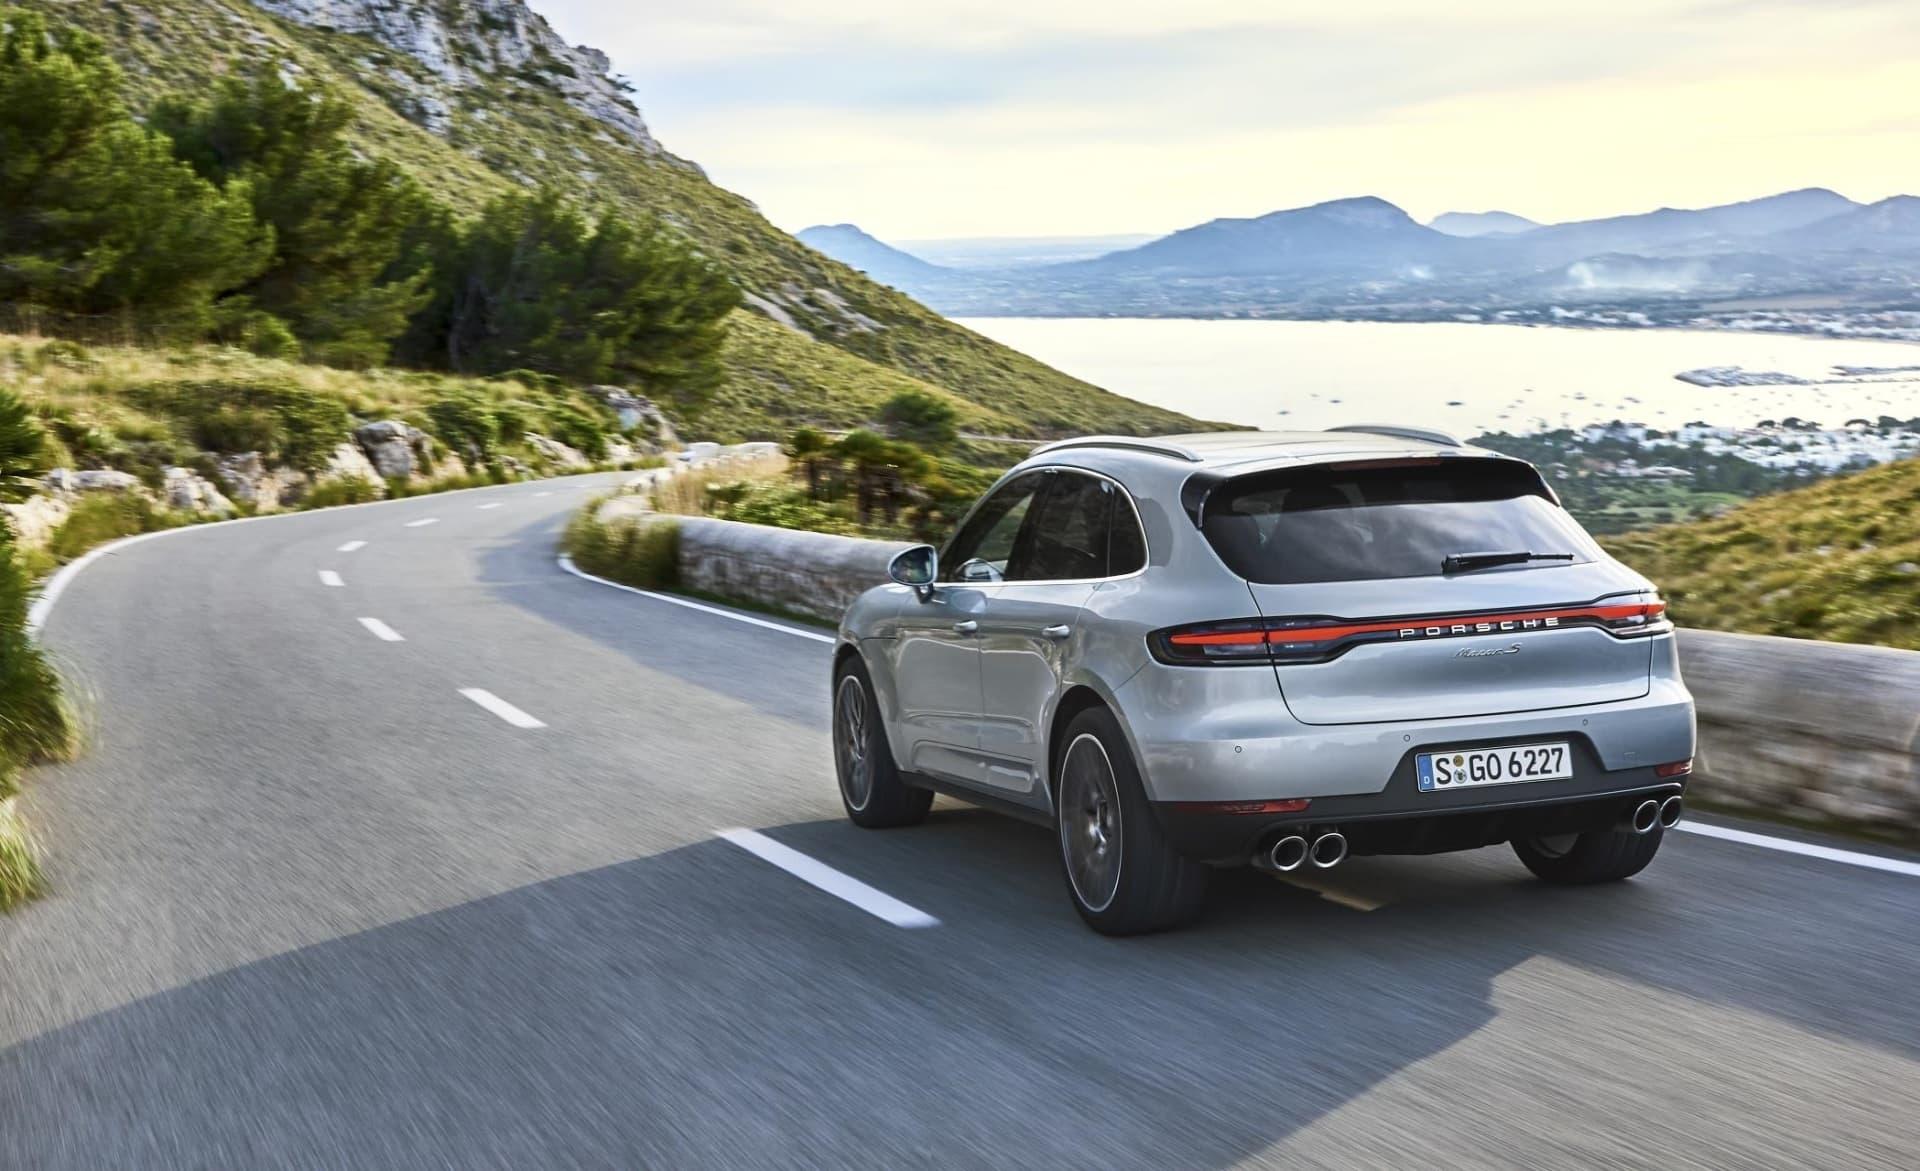 Porsche Macan S 2019 Portada